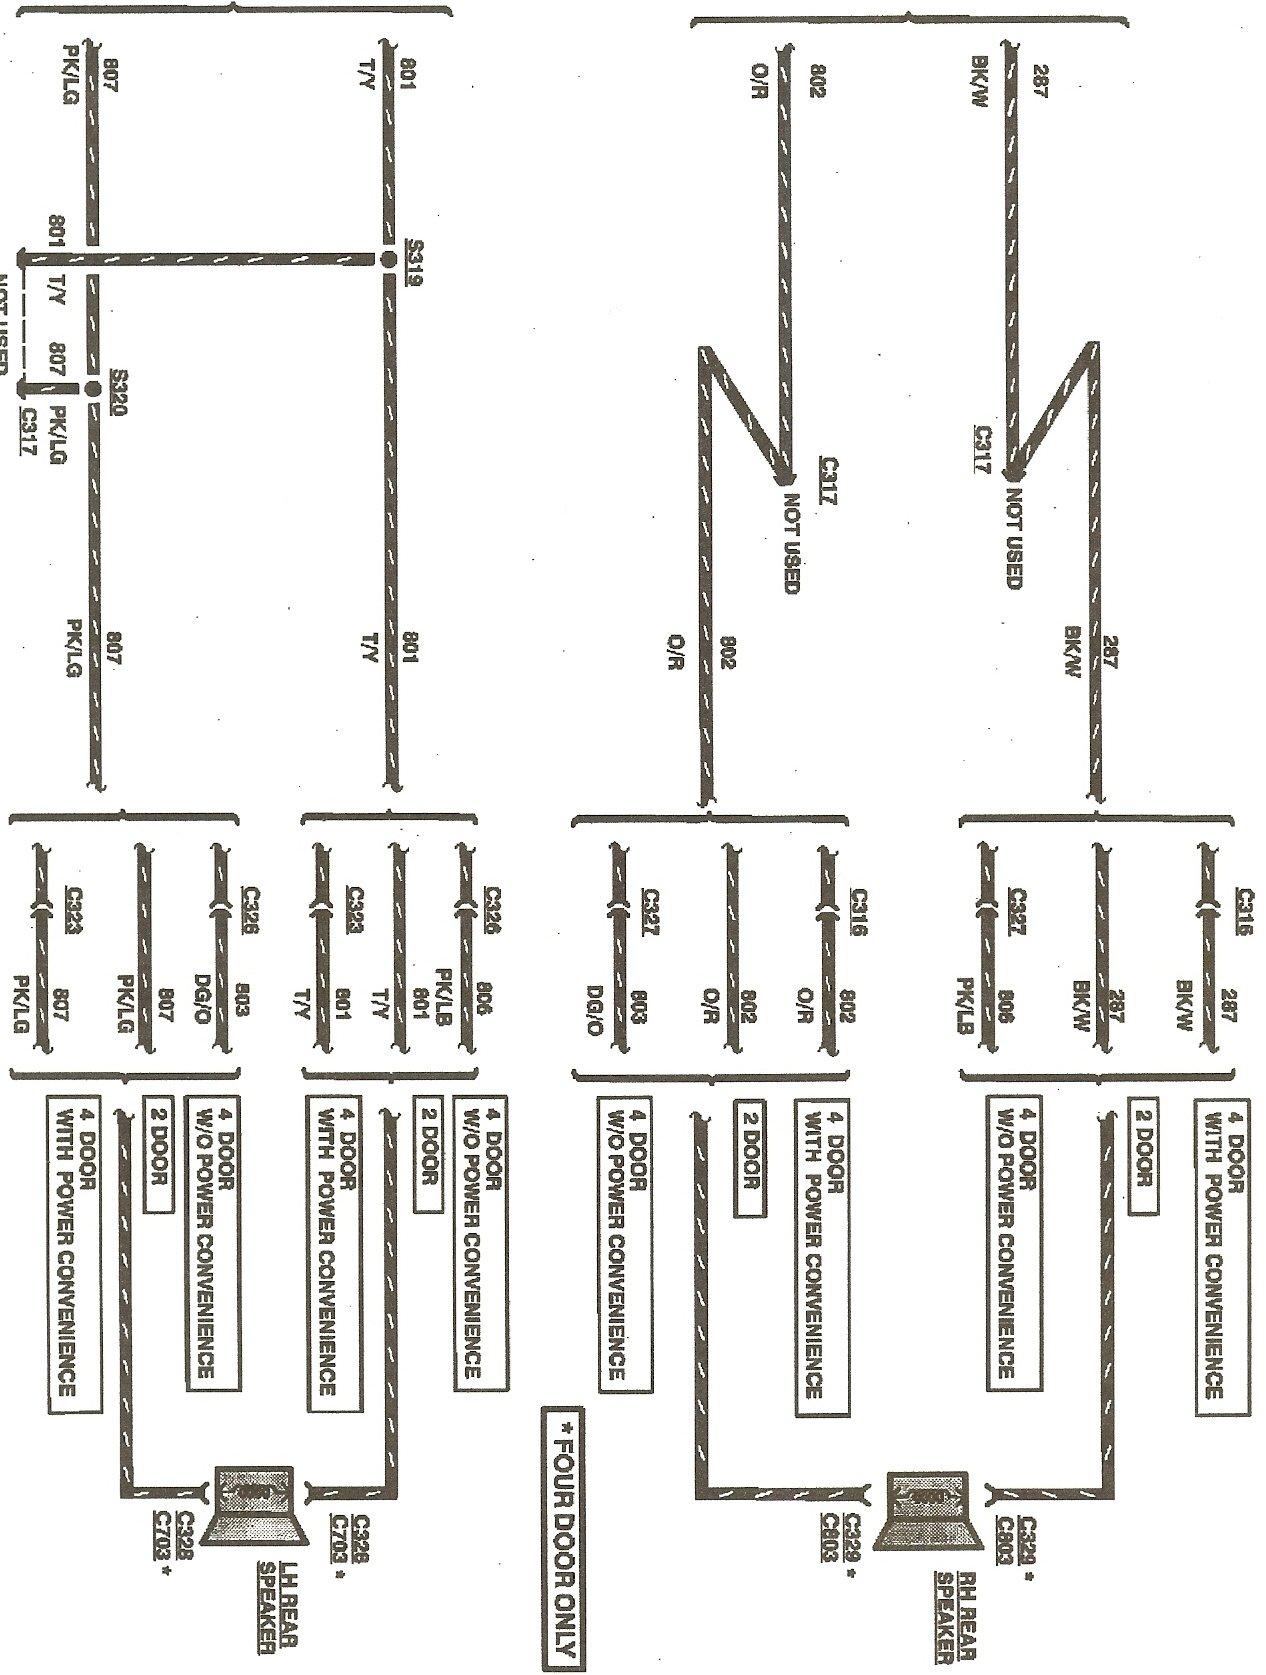 idatalink maestro wiring diagram  idatalink  free engine